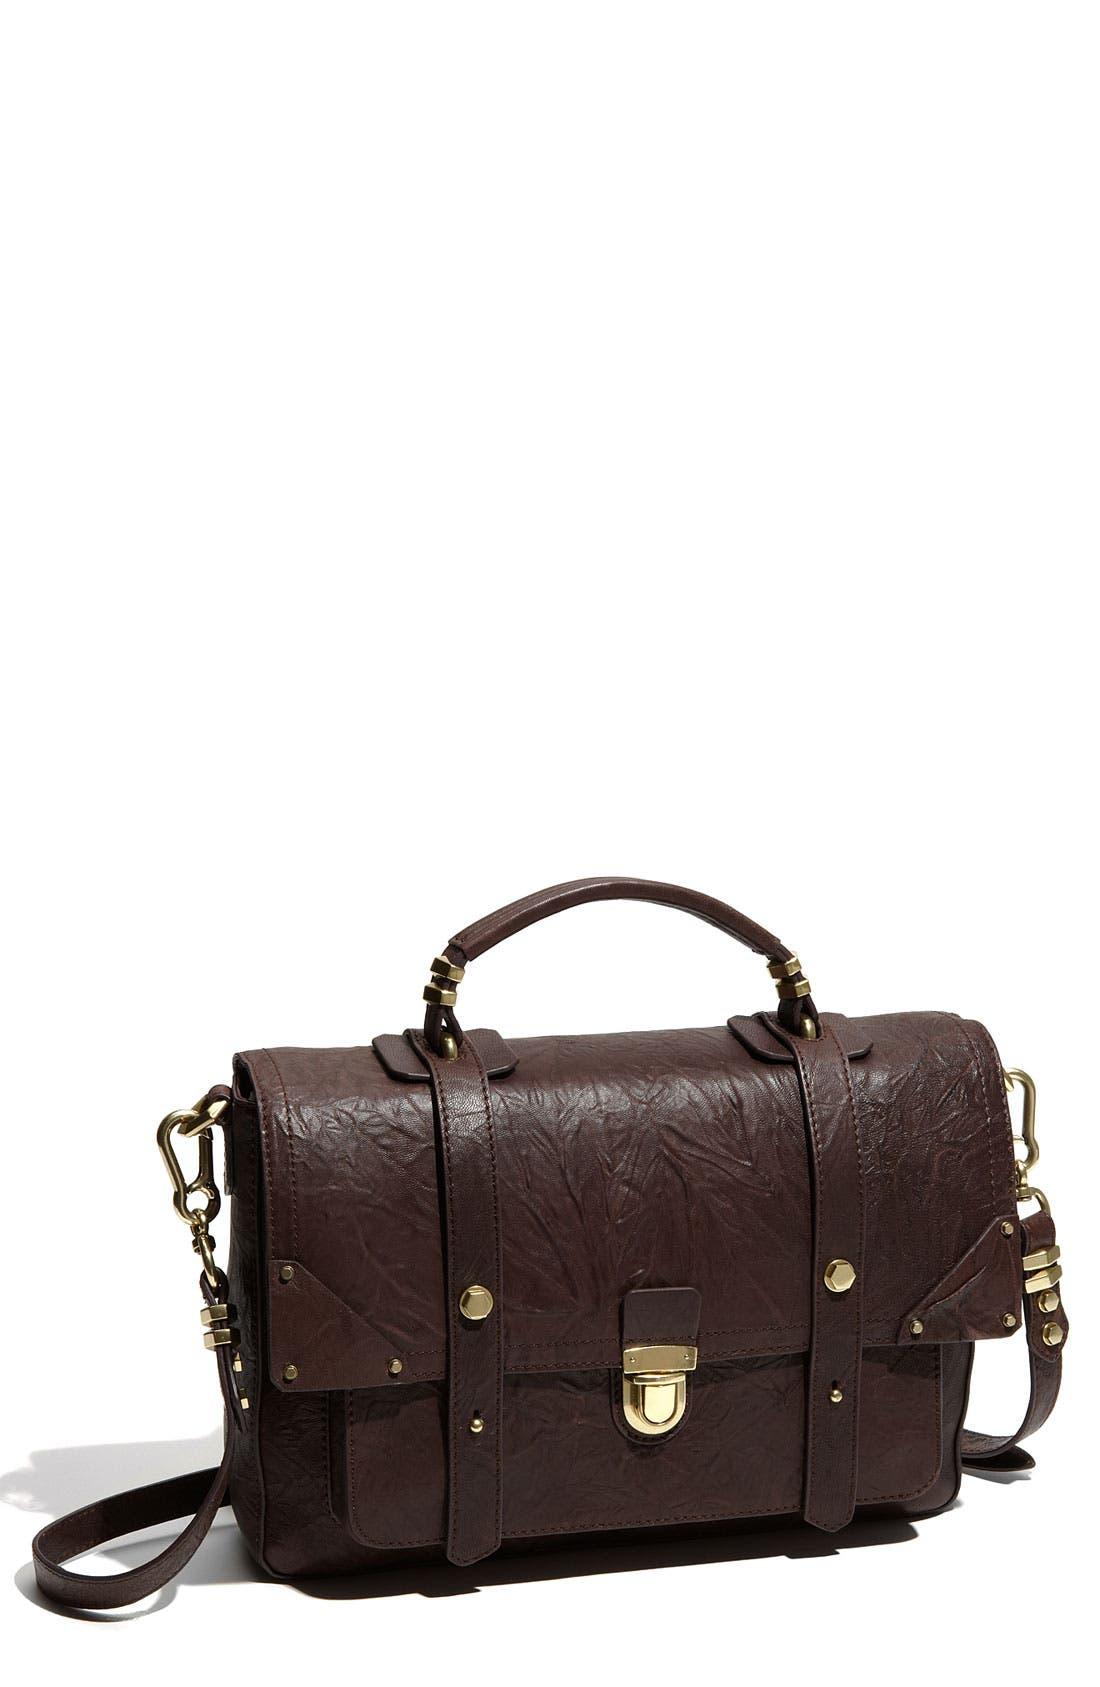 Main Image - Oryany Leather Flap Satchel